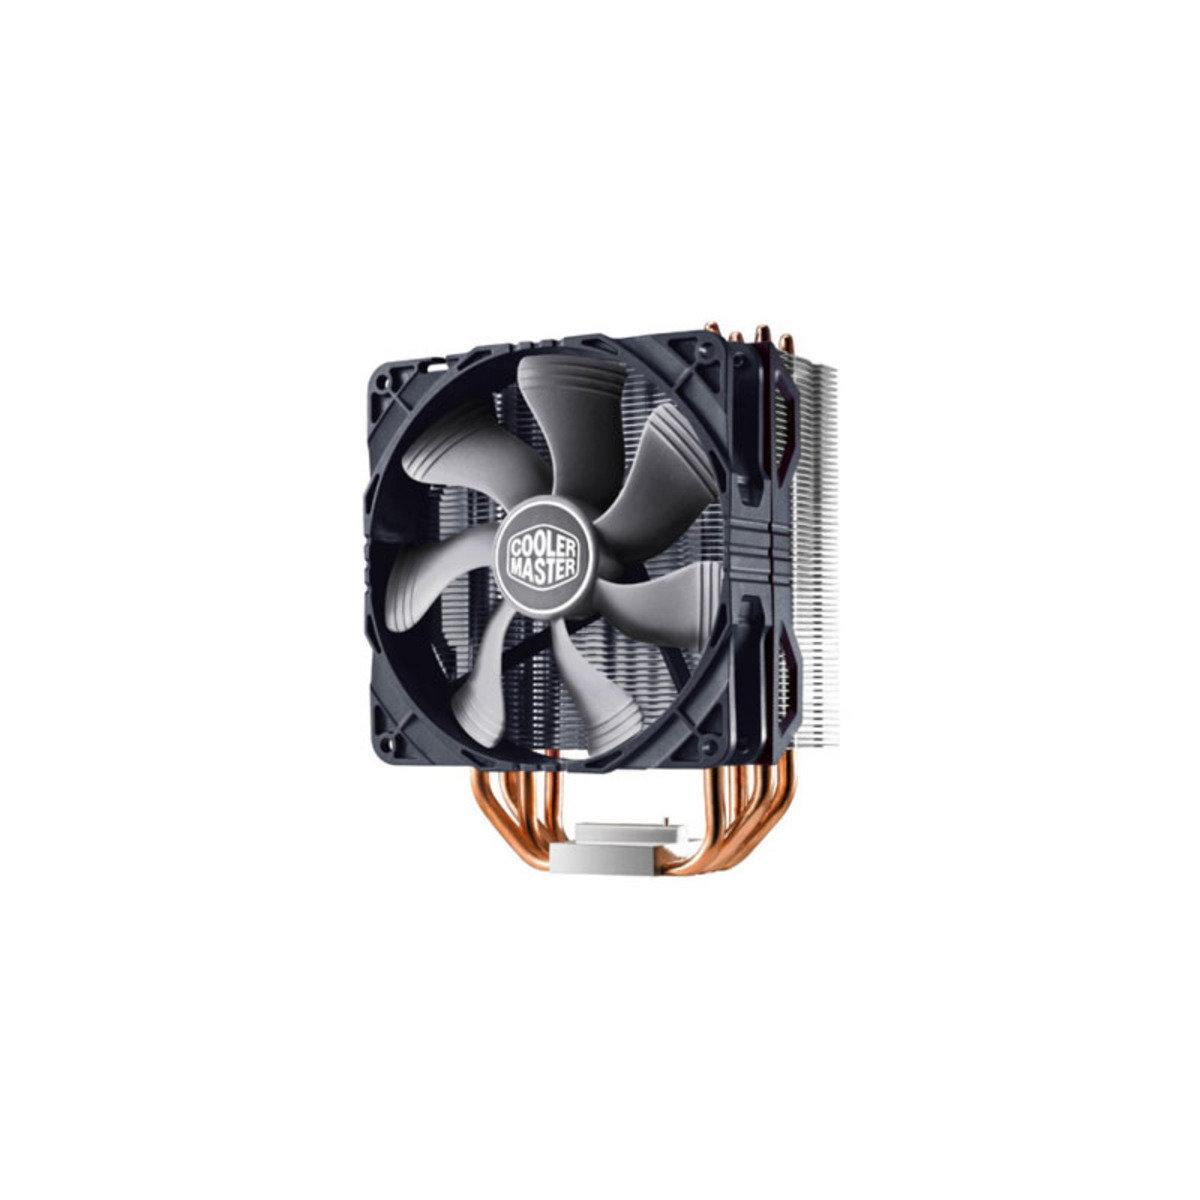 120mm風扇熱導管空冷散熱器 Hyper 212X